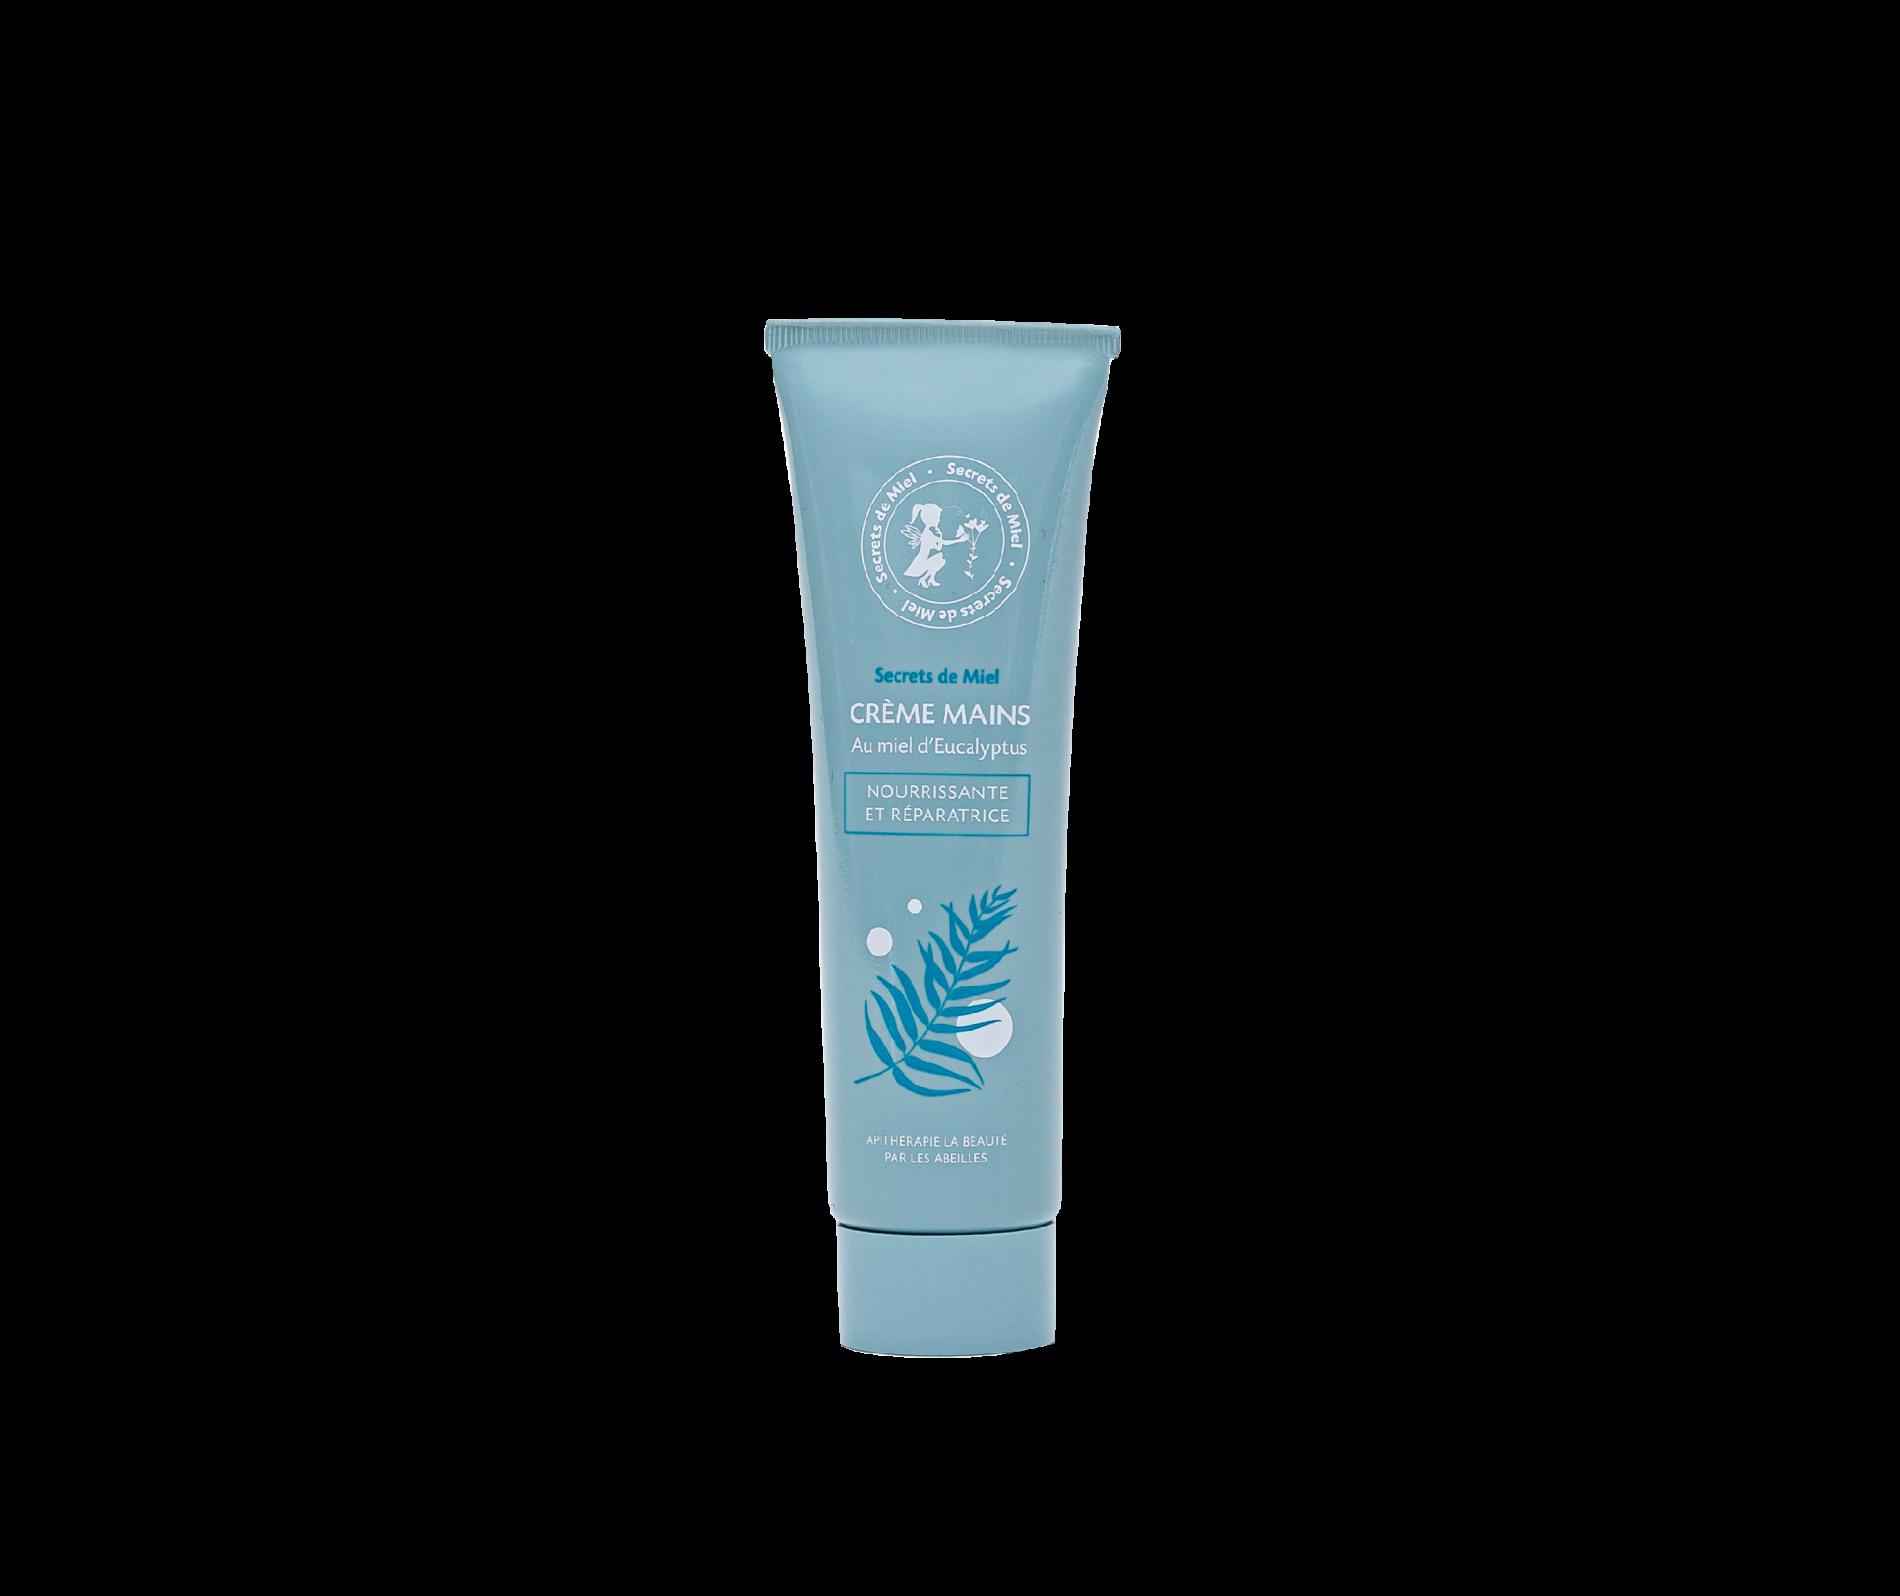 crème mains au miel d'Eucalyptus - pour hommes et femmes - mixte - miel - mains sèches et abîmées - Secrets de Miel - produits naturels - Made in France